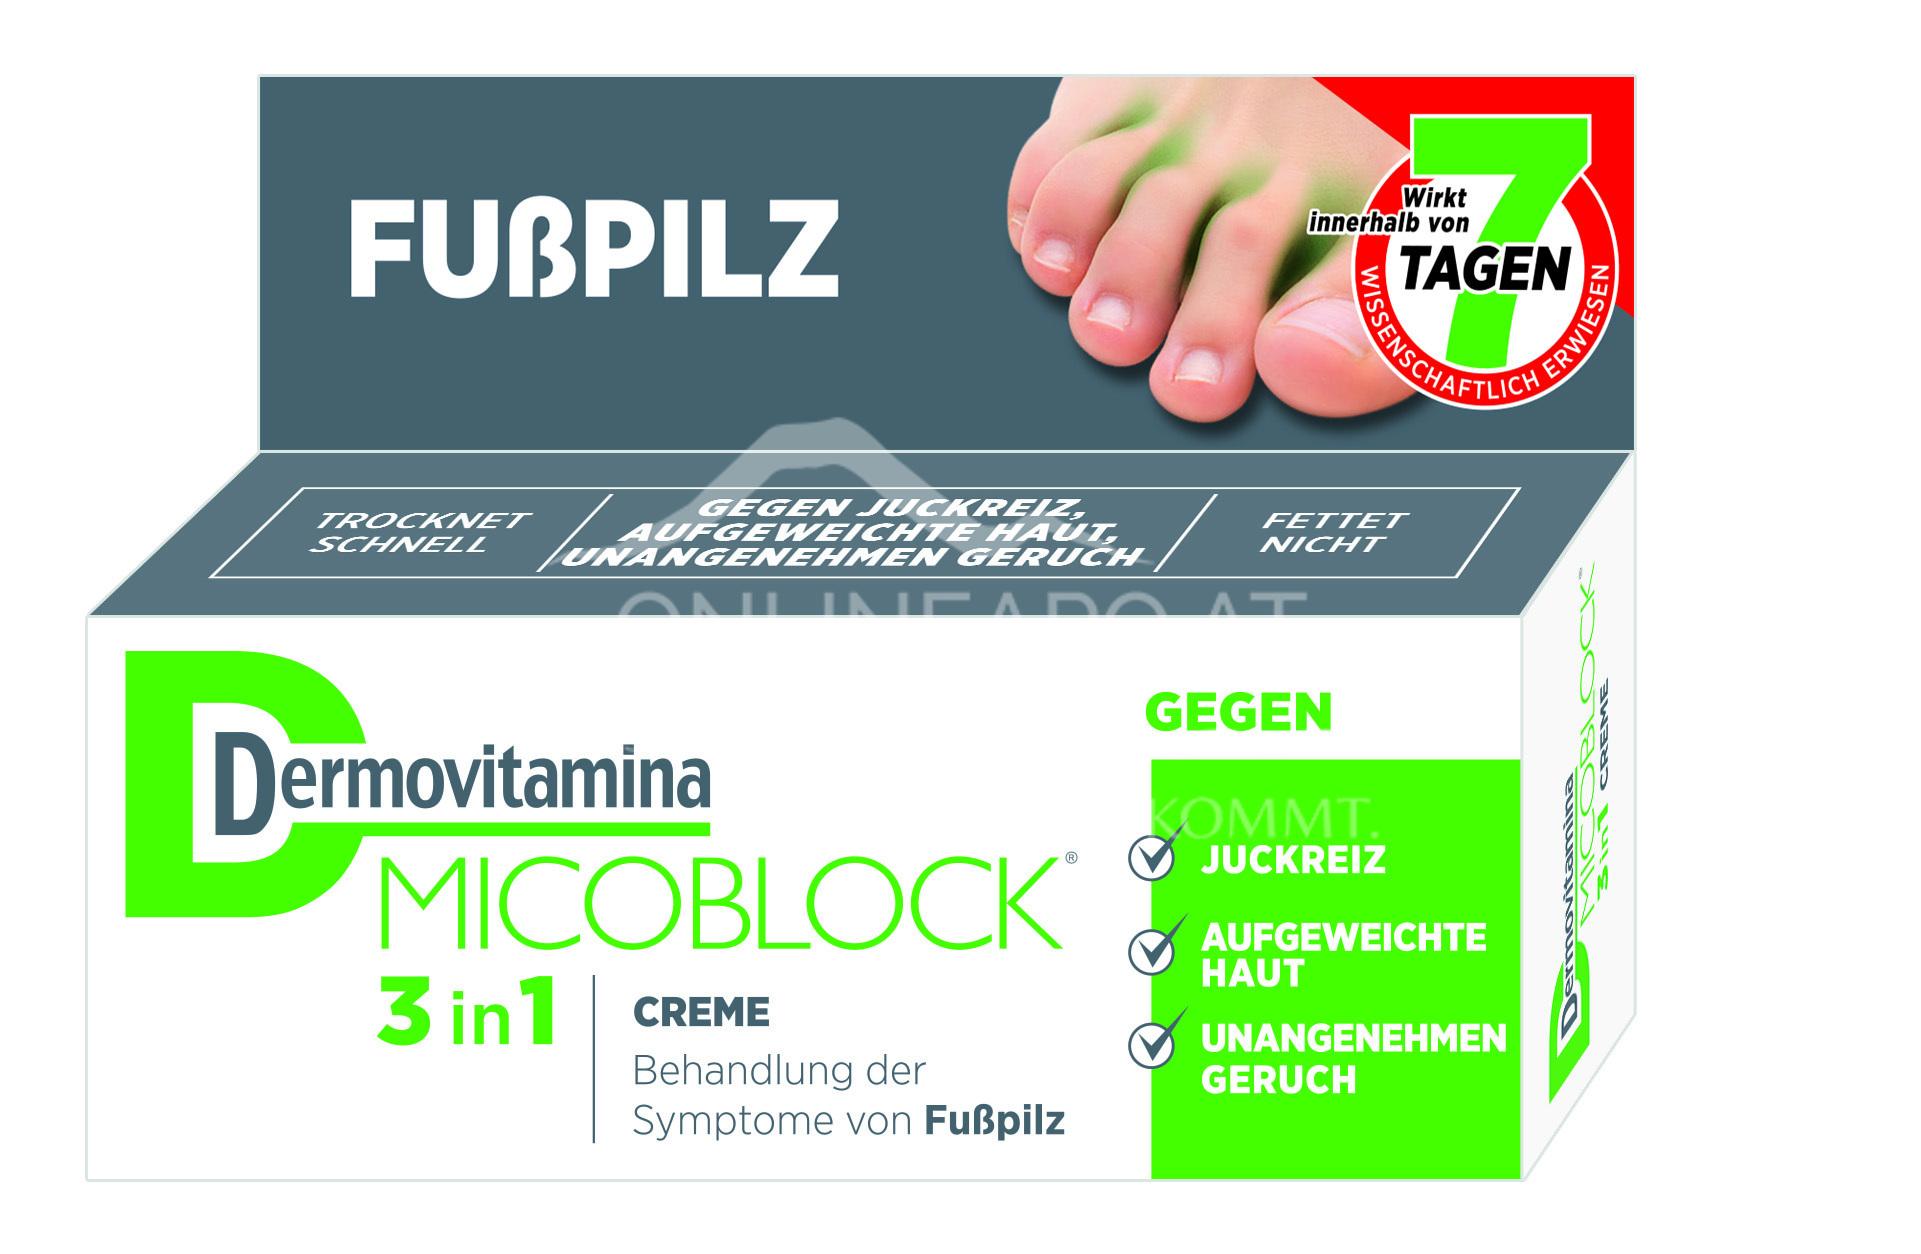 Dermovitamina Micoblock® 3 in 1 Creme